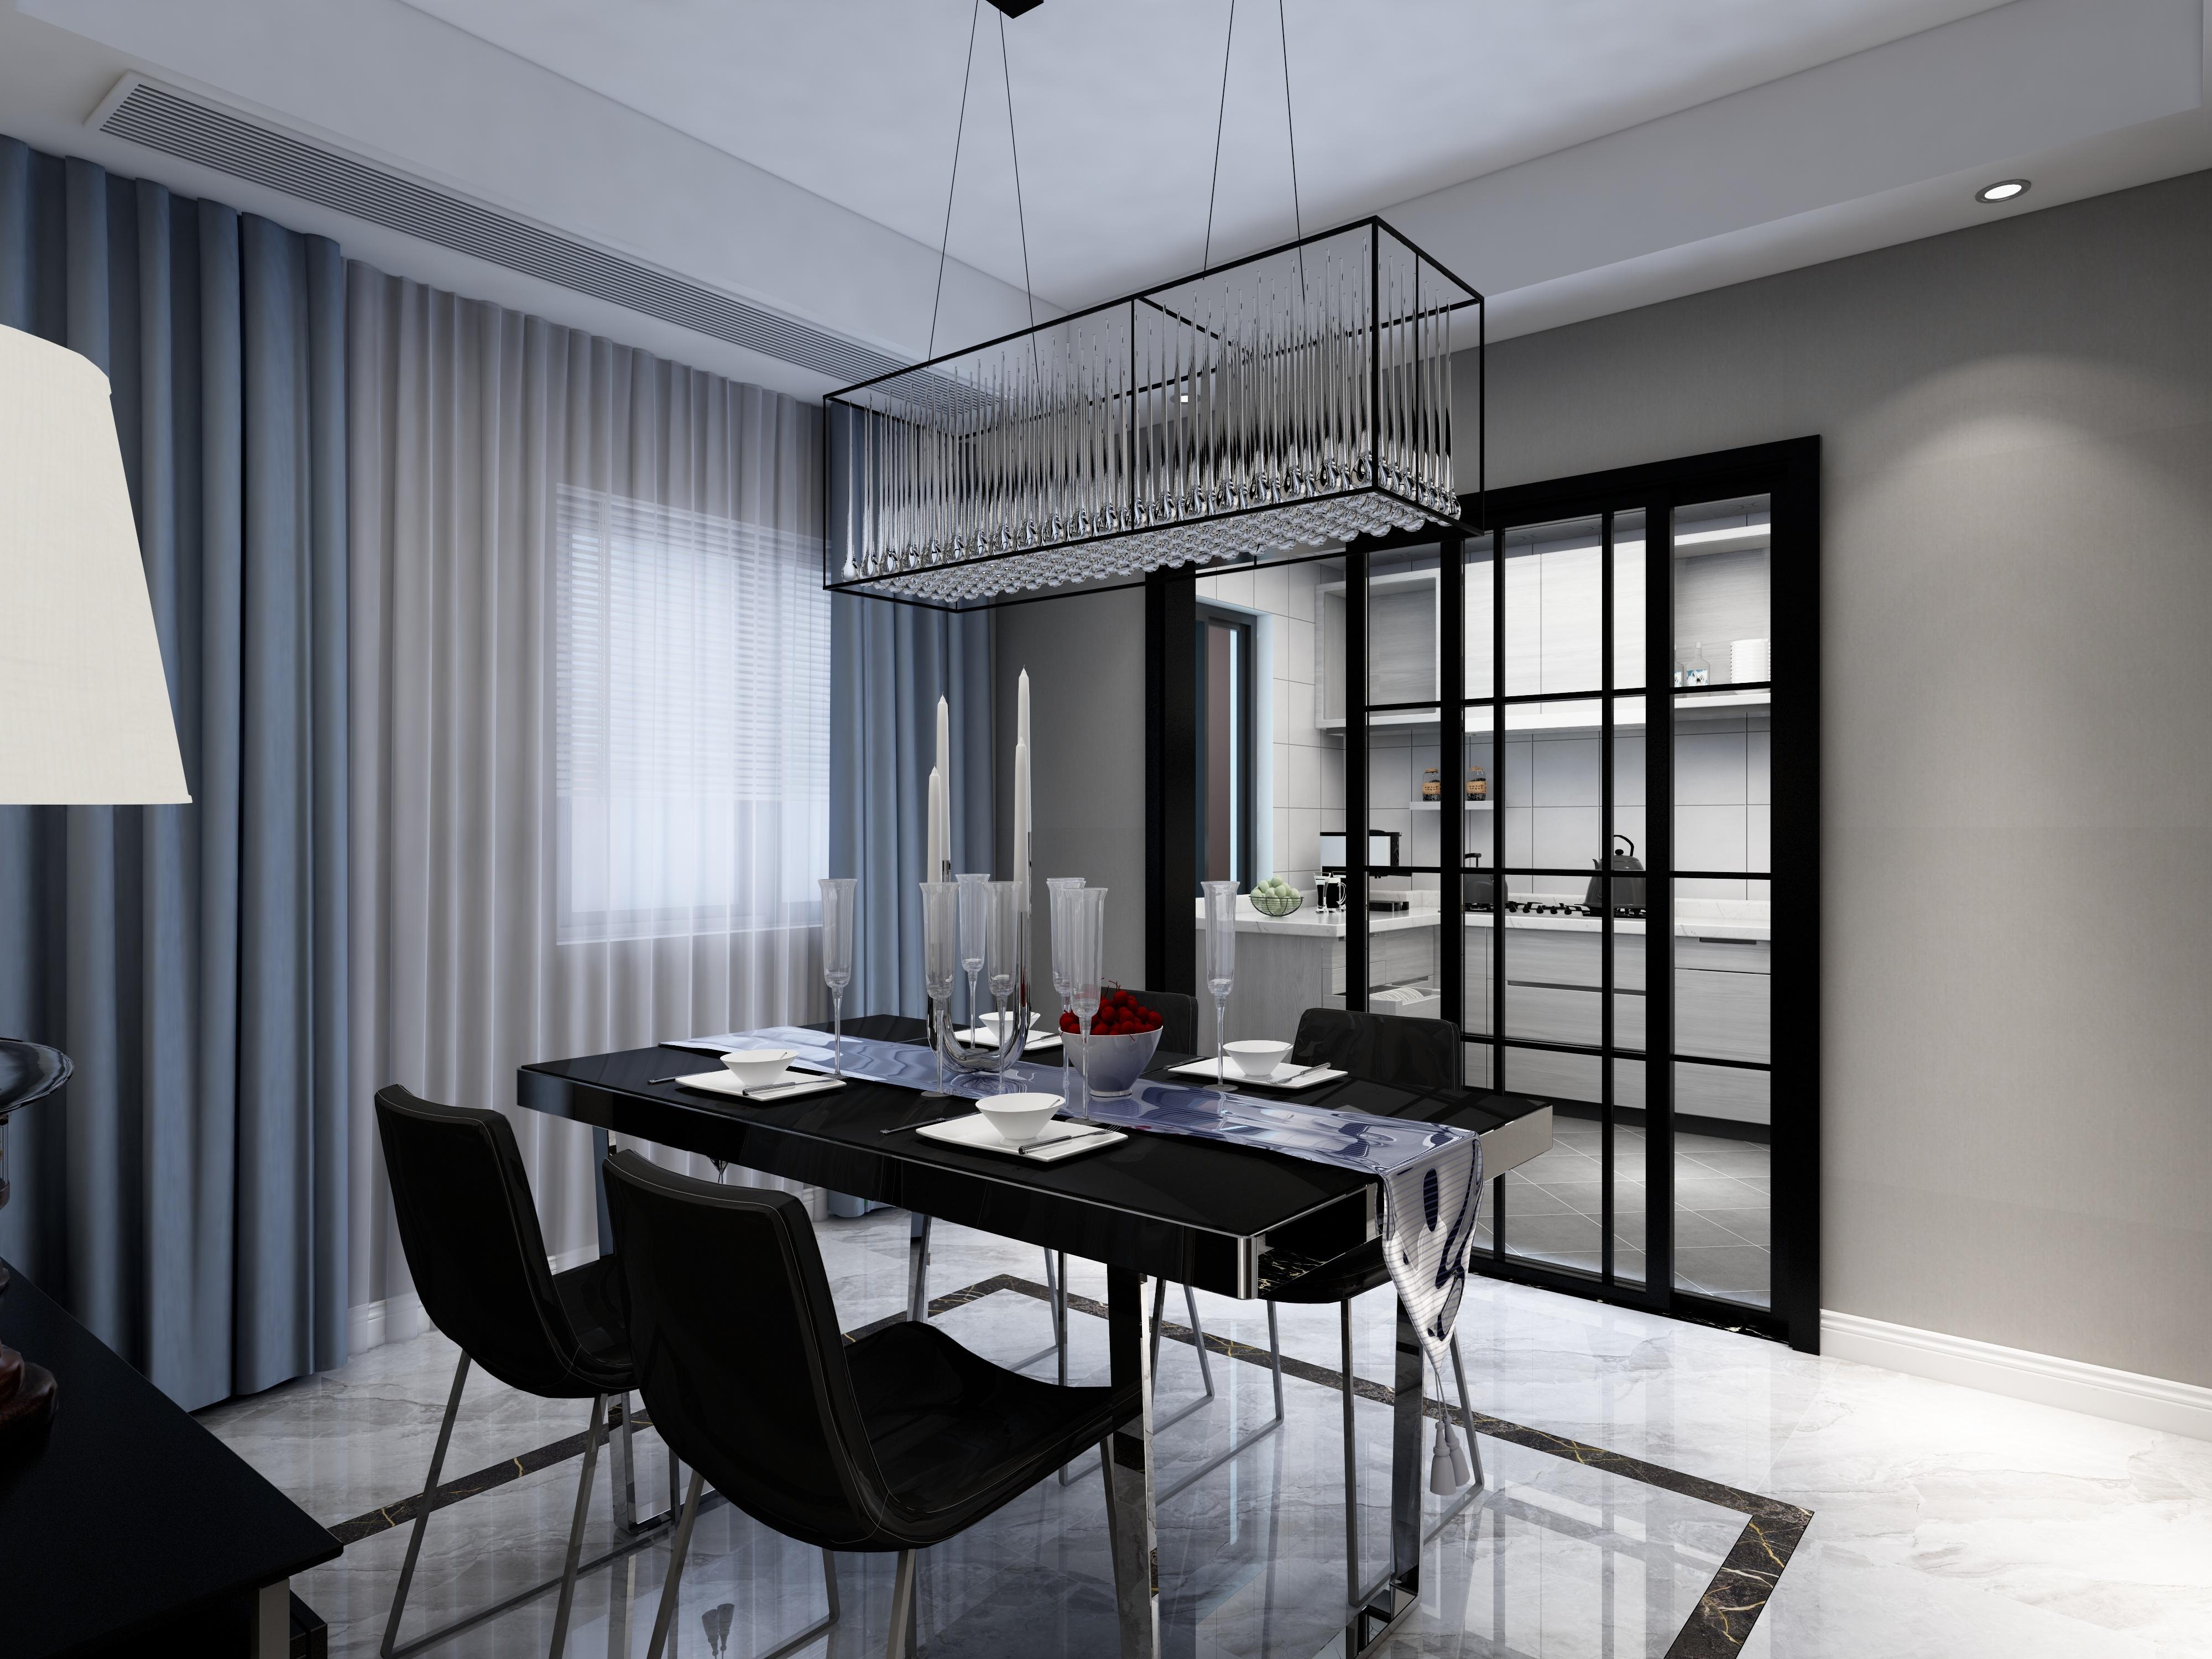 黑白灰简约空间装修餐厅效果图